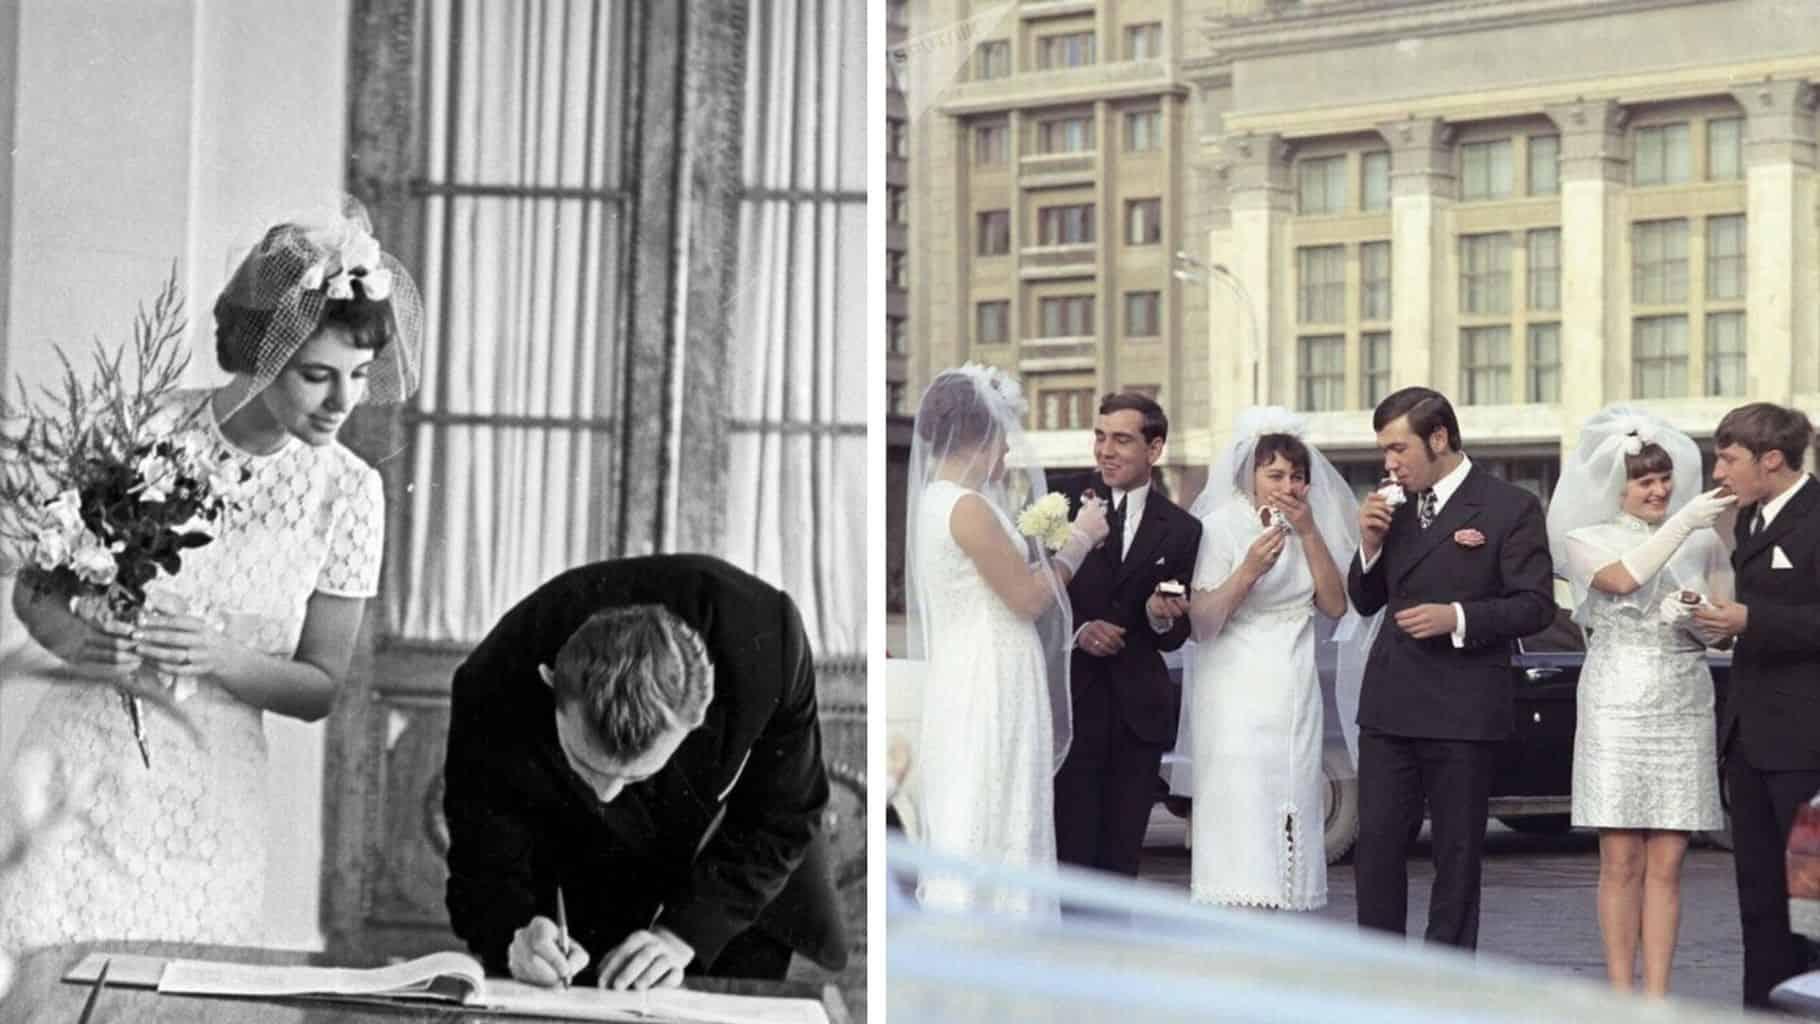 Без лимузинов и караоке: подборка свадебных фотографий советской эпохи